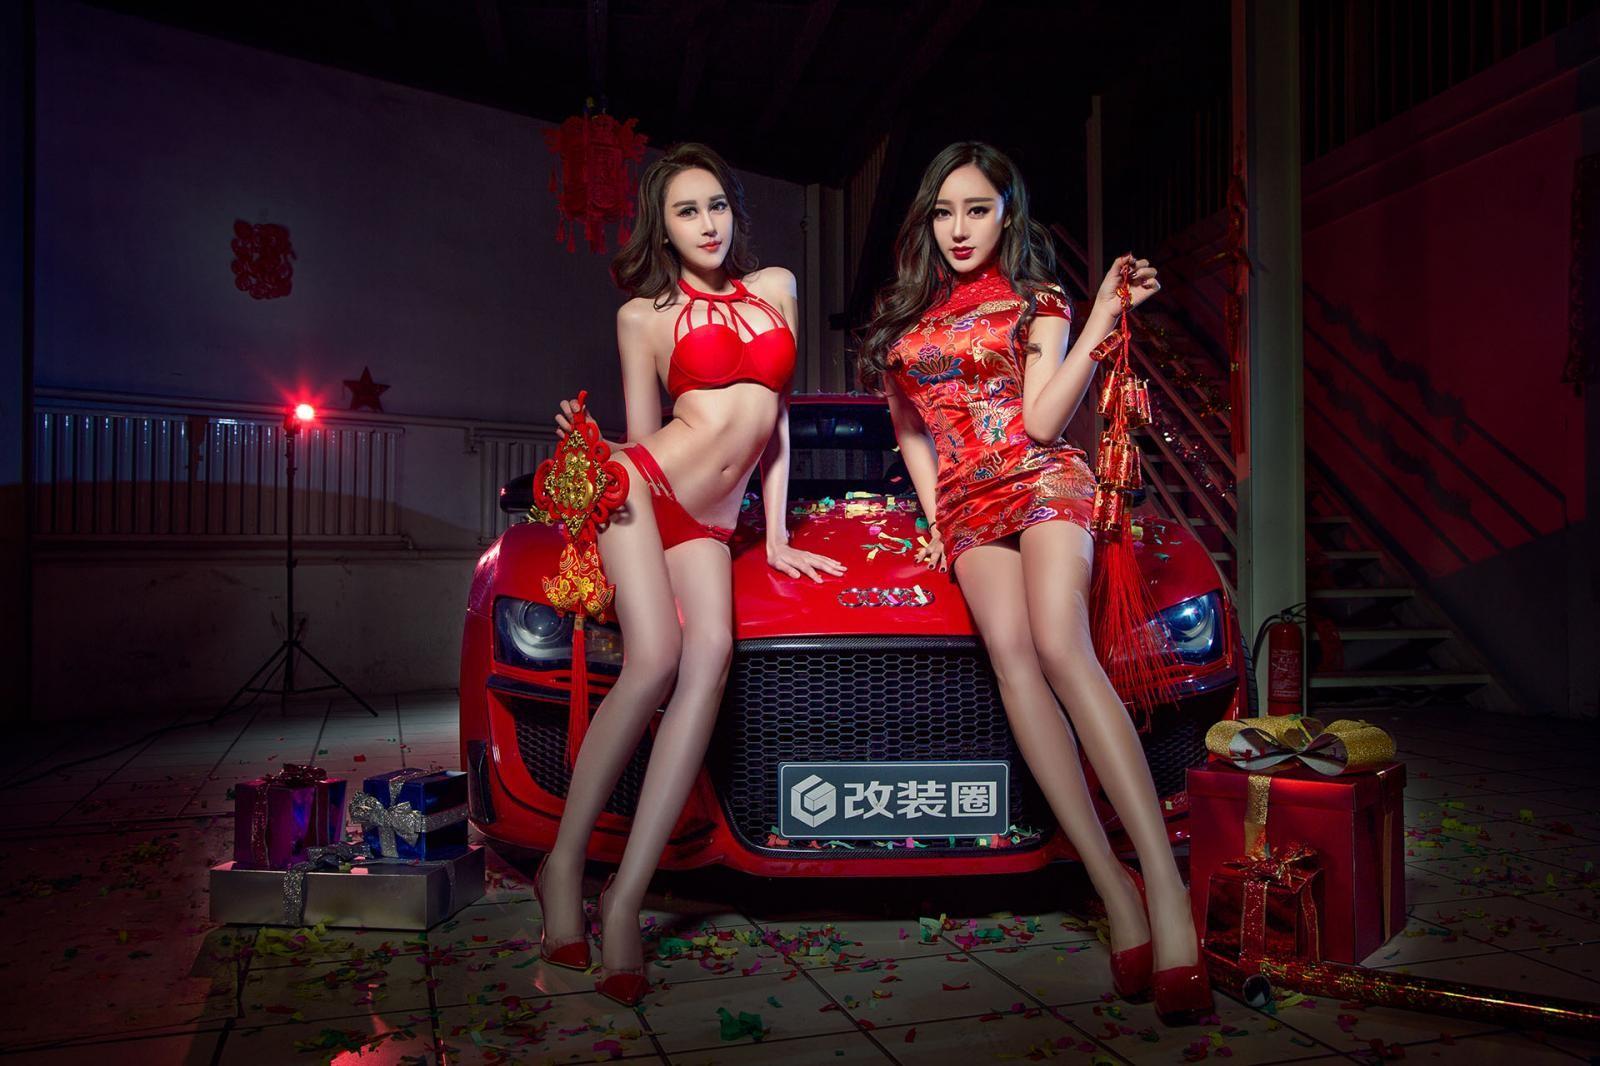 Nghênh đón xuân mới cùng hai người mẫu gợi cảm diện đồ đỏ bên Audi R8 - 5